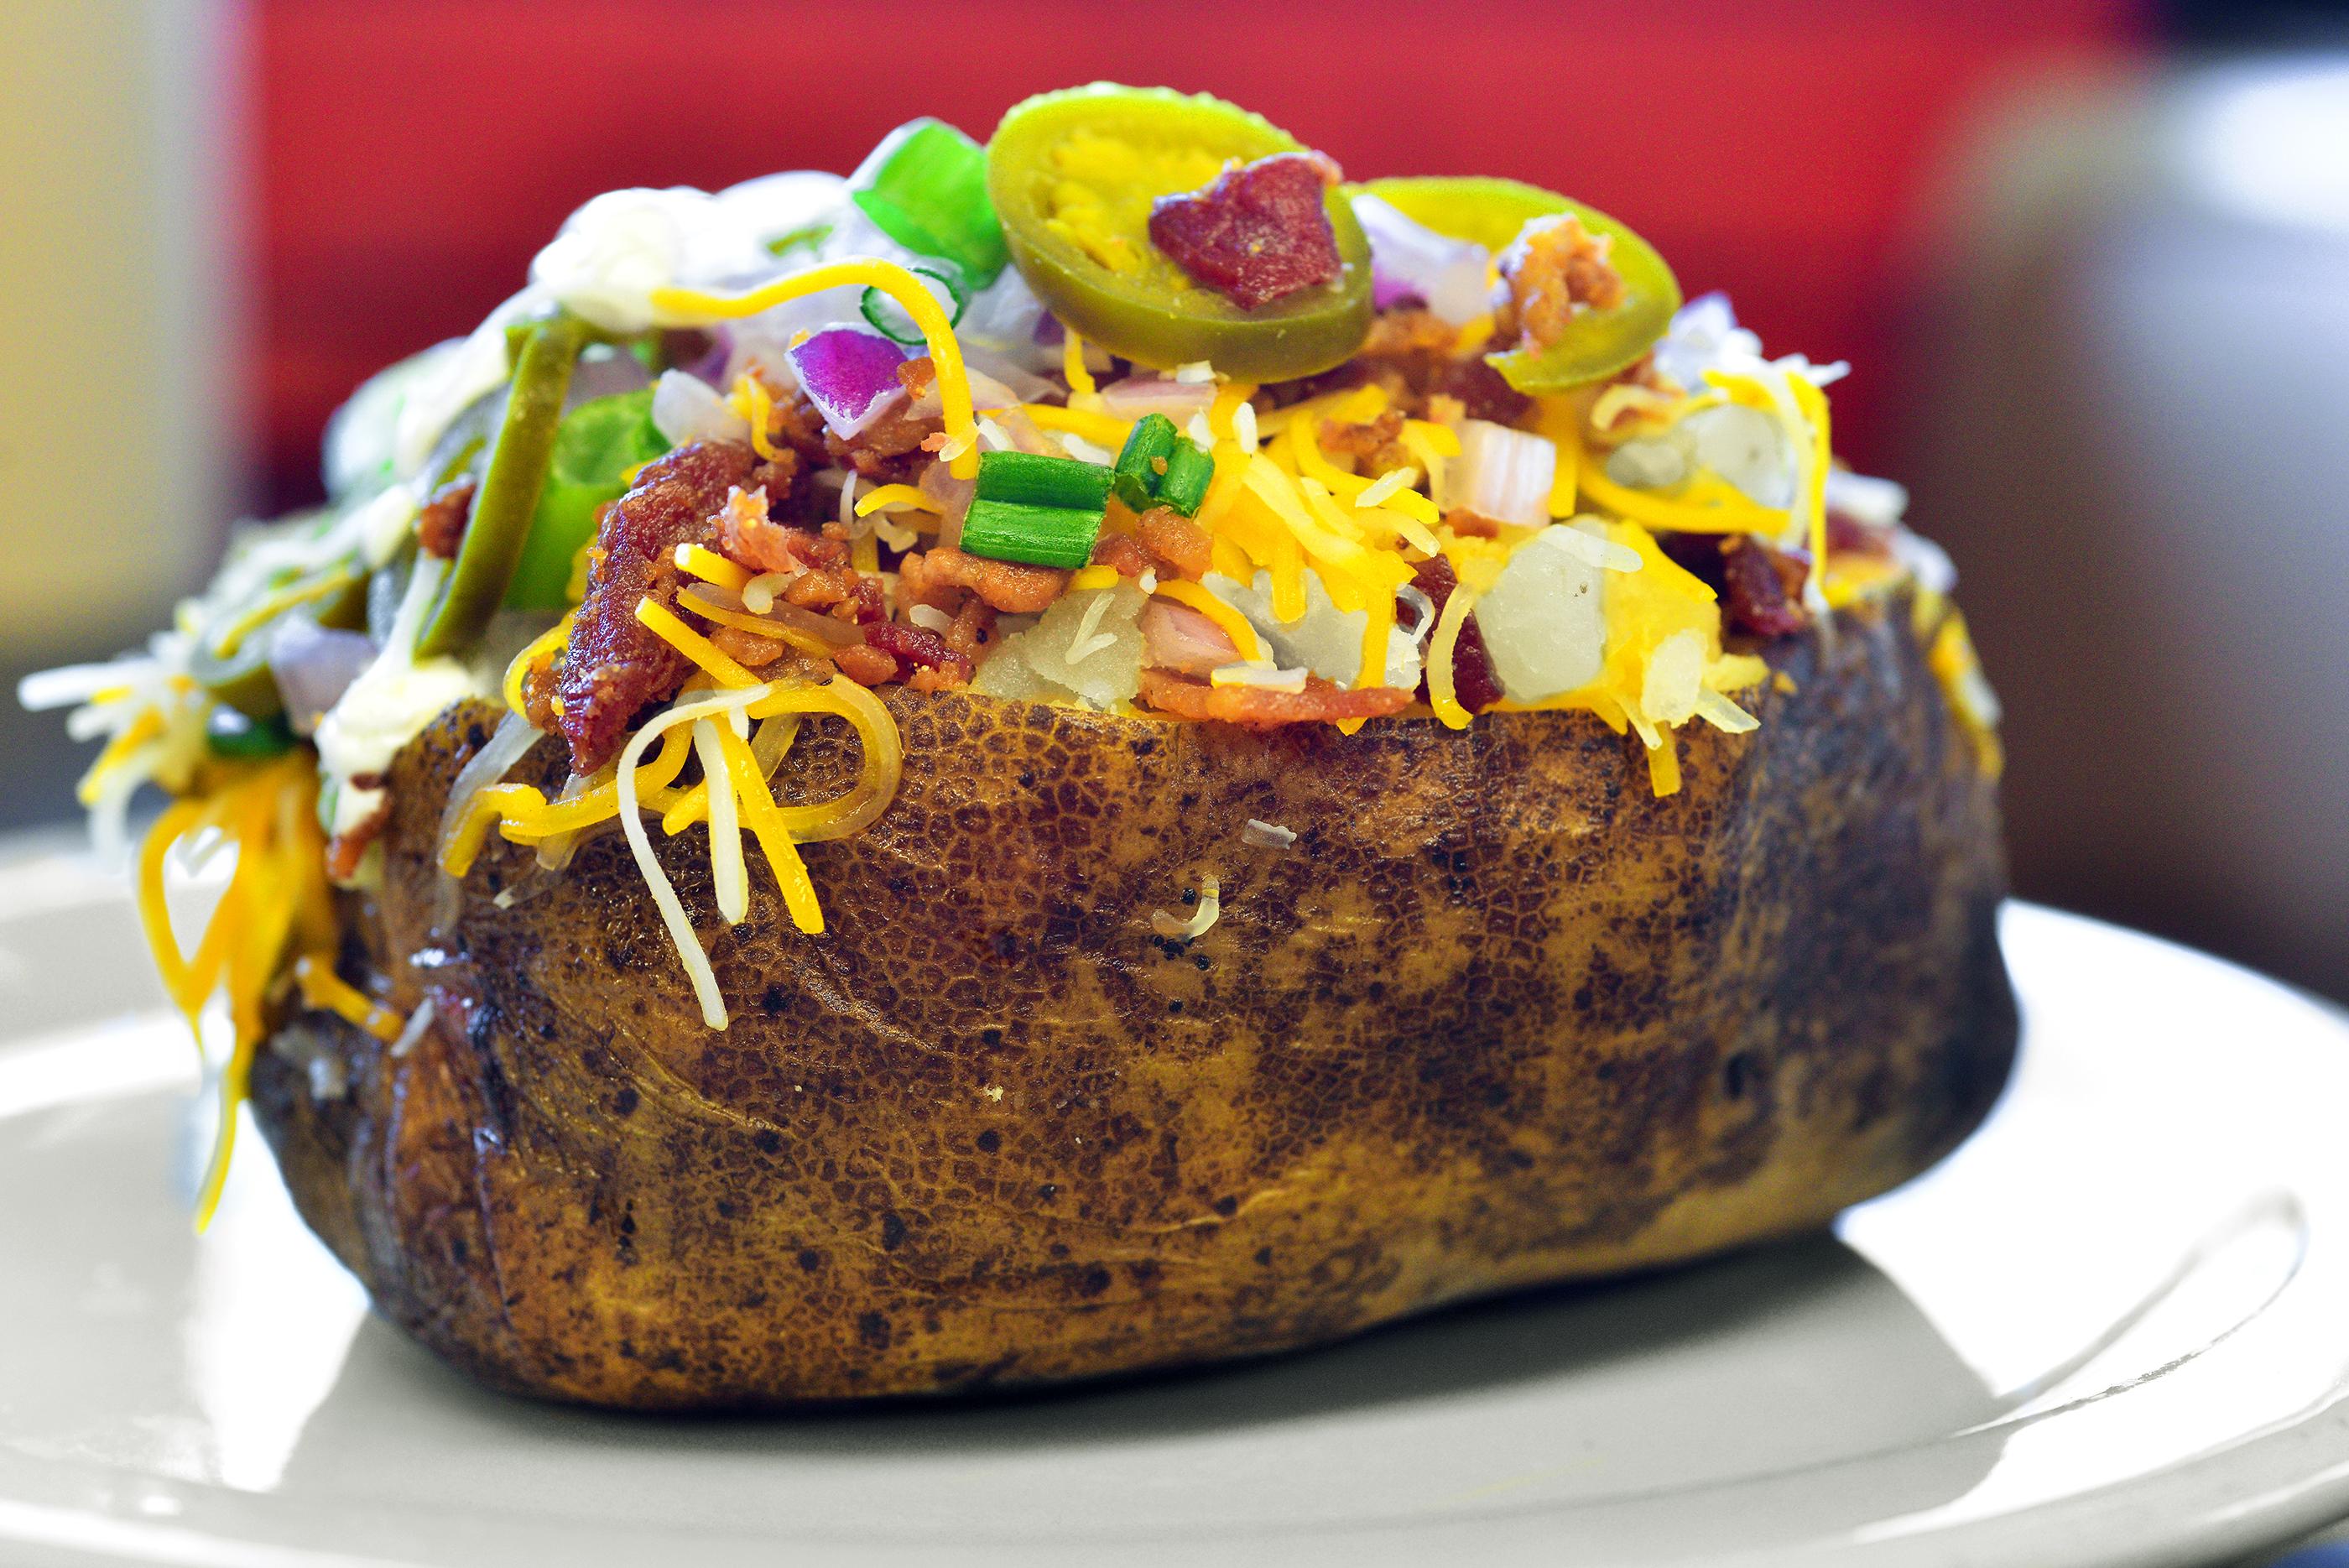 Chopped Brisket Loaded Potato, Cou-yon¹s Cajun Bar-B-Q